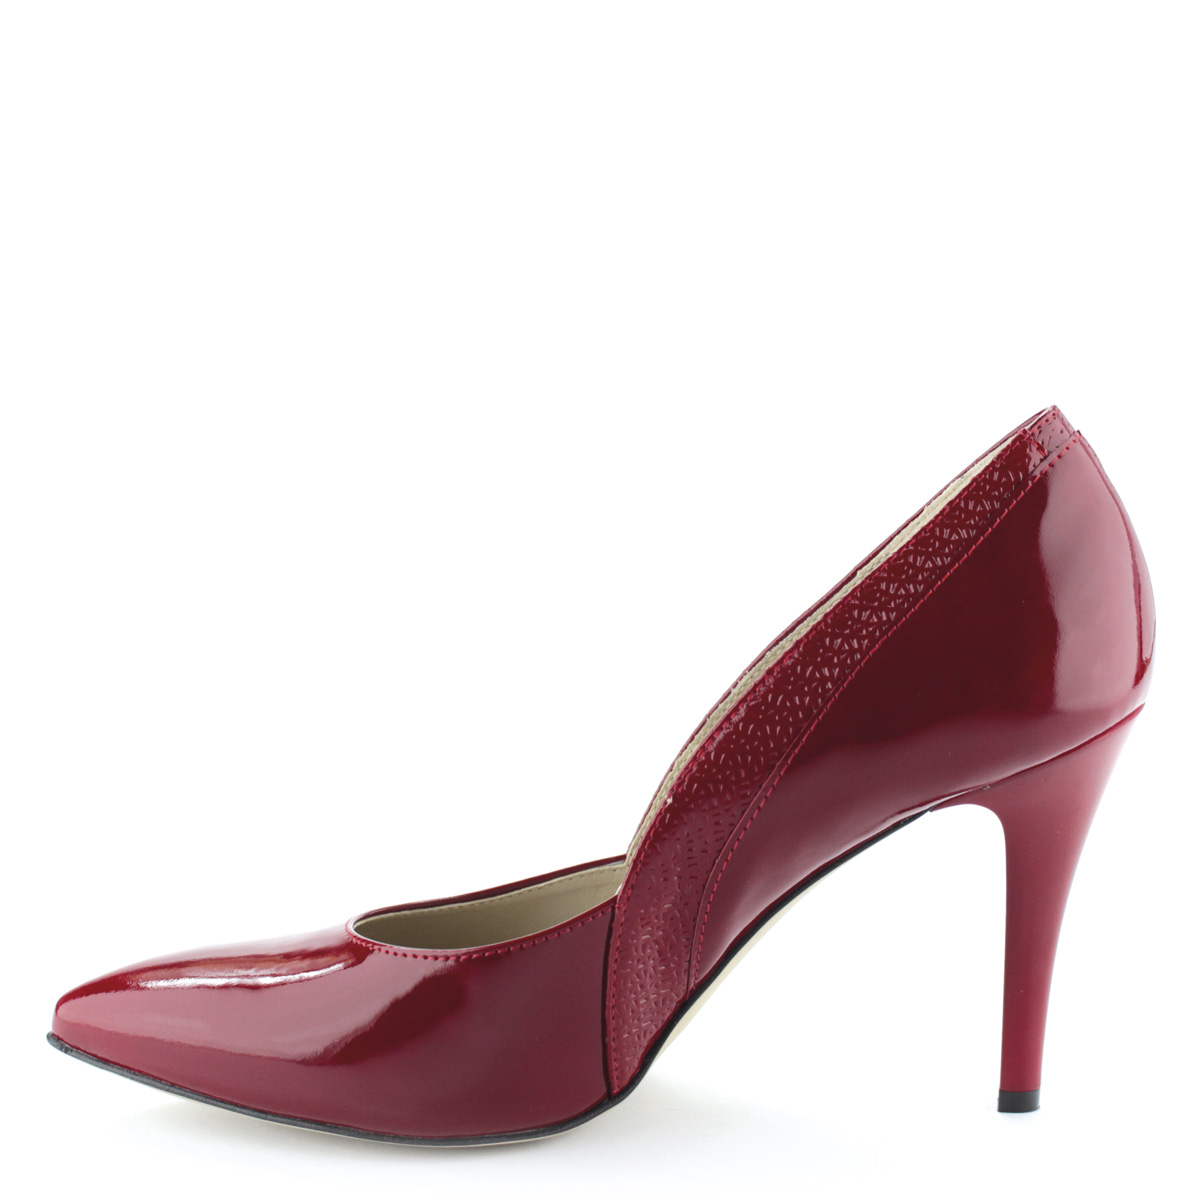 Felsőrésze és bélése  Piros színű magas sarkú lakk alkalmi cipő. Sarka 9 cm  magas. 3181659e8a